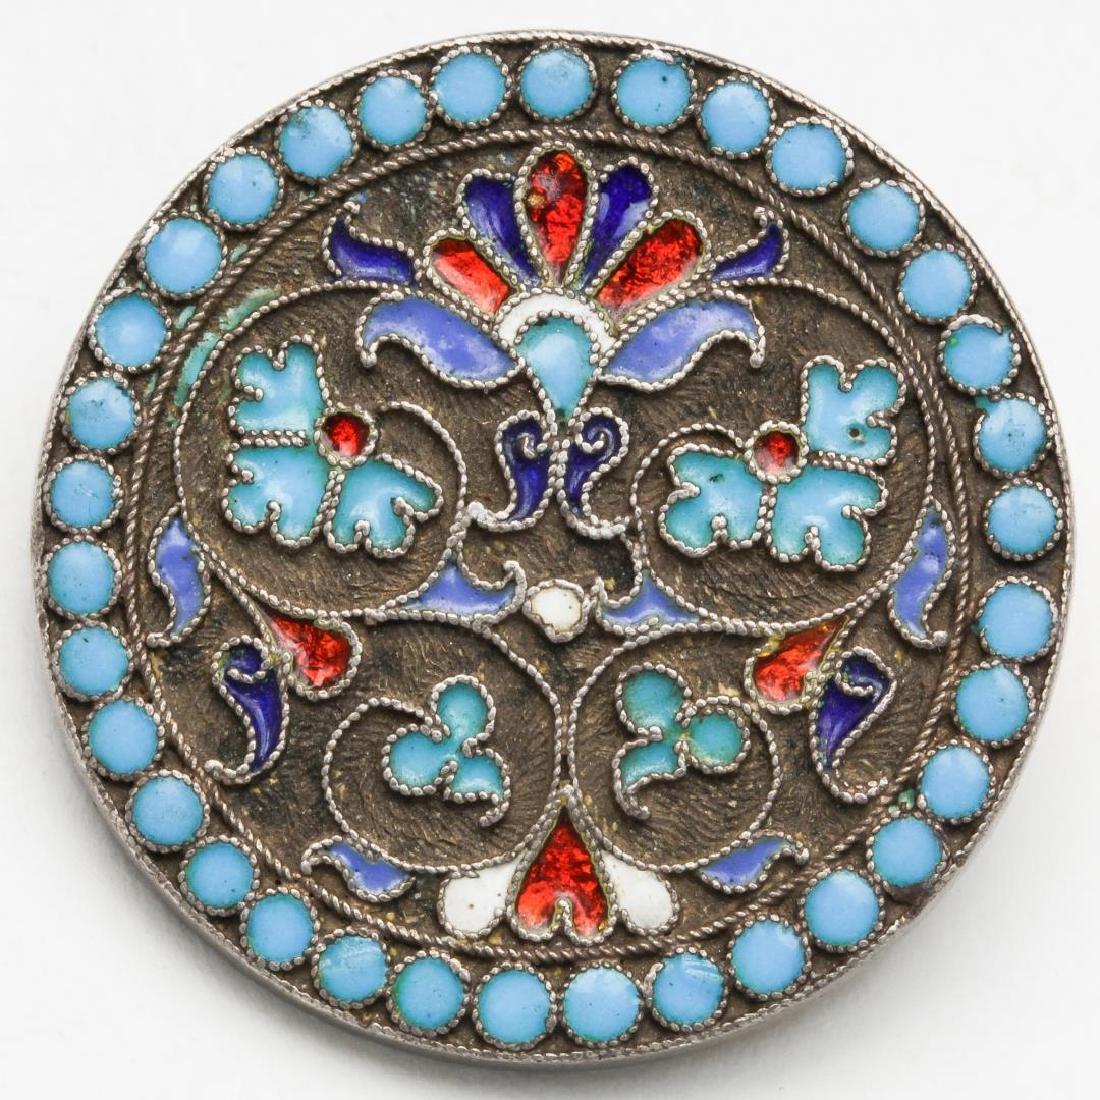 Russian Cloisonne Enameled Silver Brooch